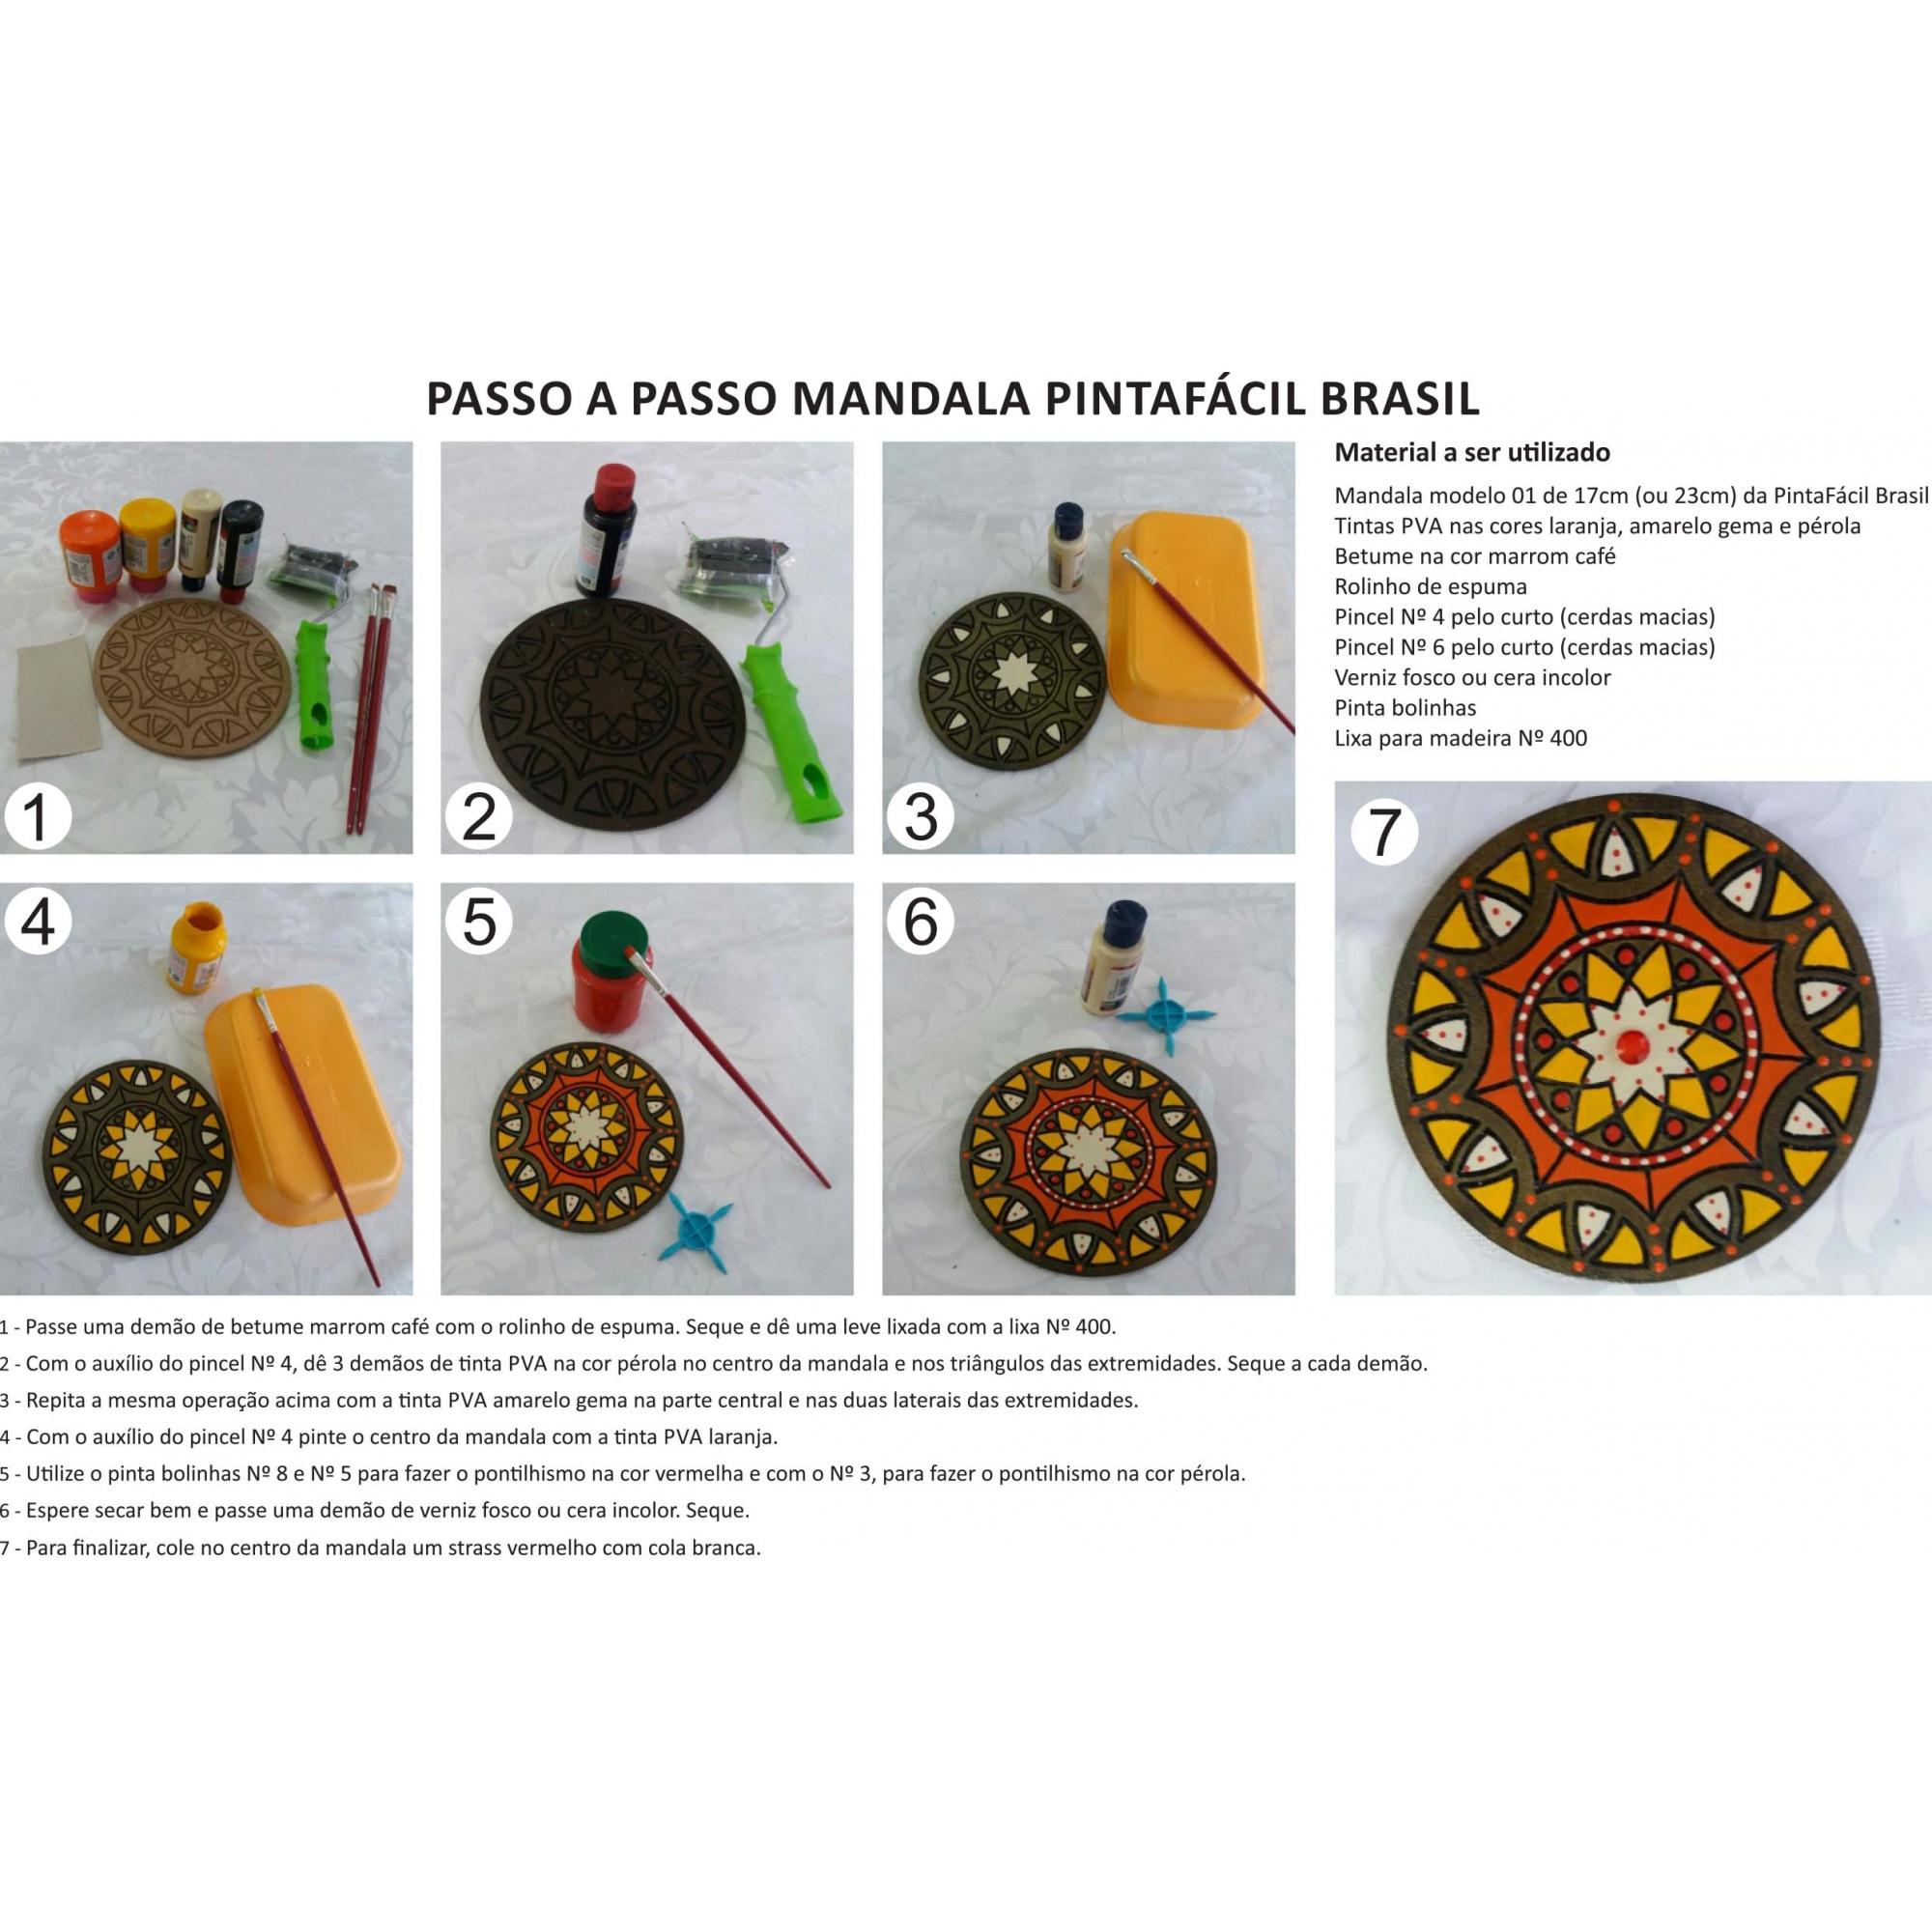 Kit 4 Peças Caveira Mexicana em Mdf Cru 15xh21cm para Pintar